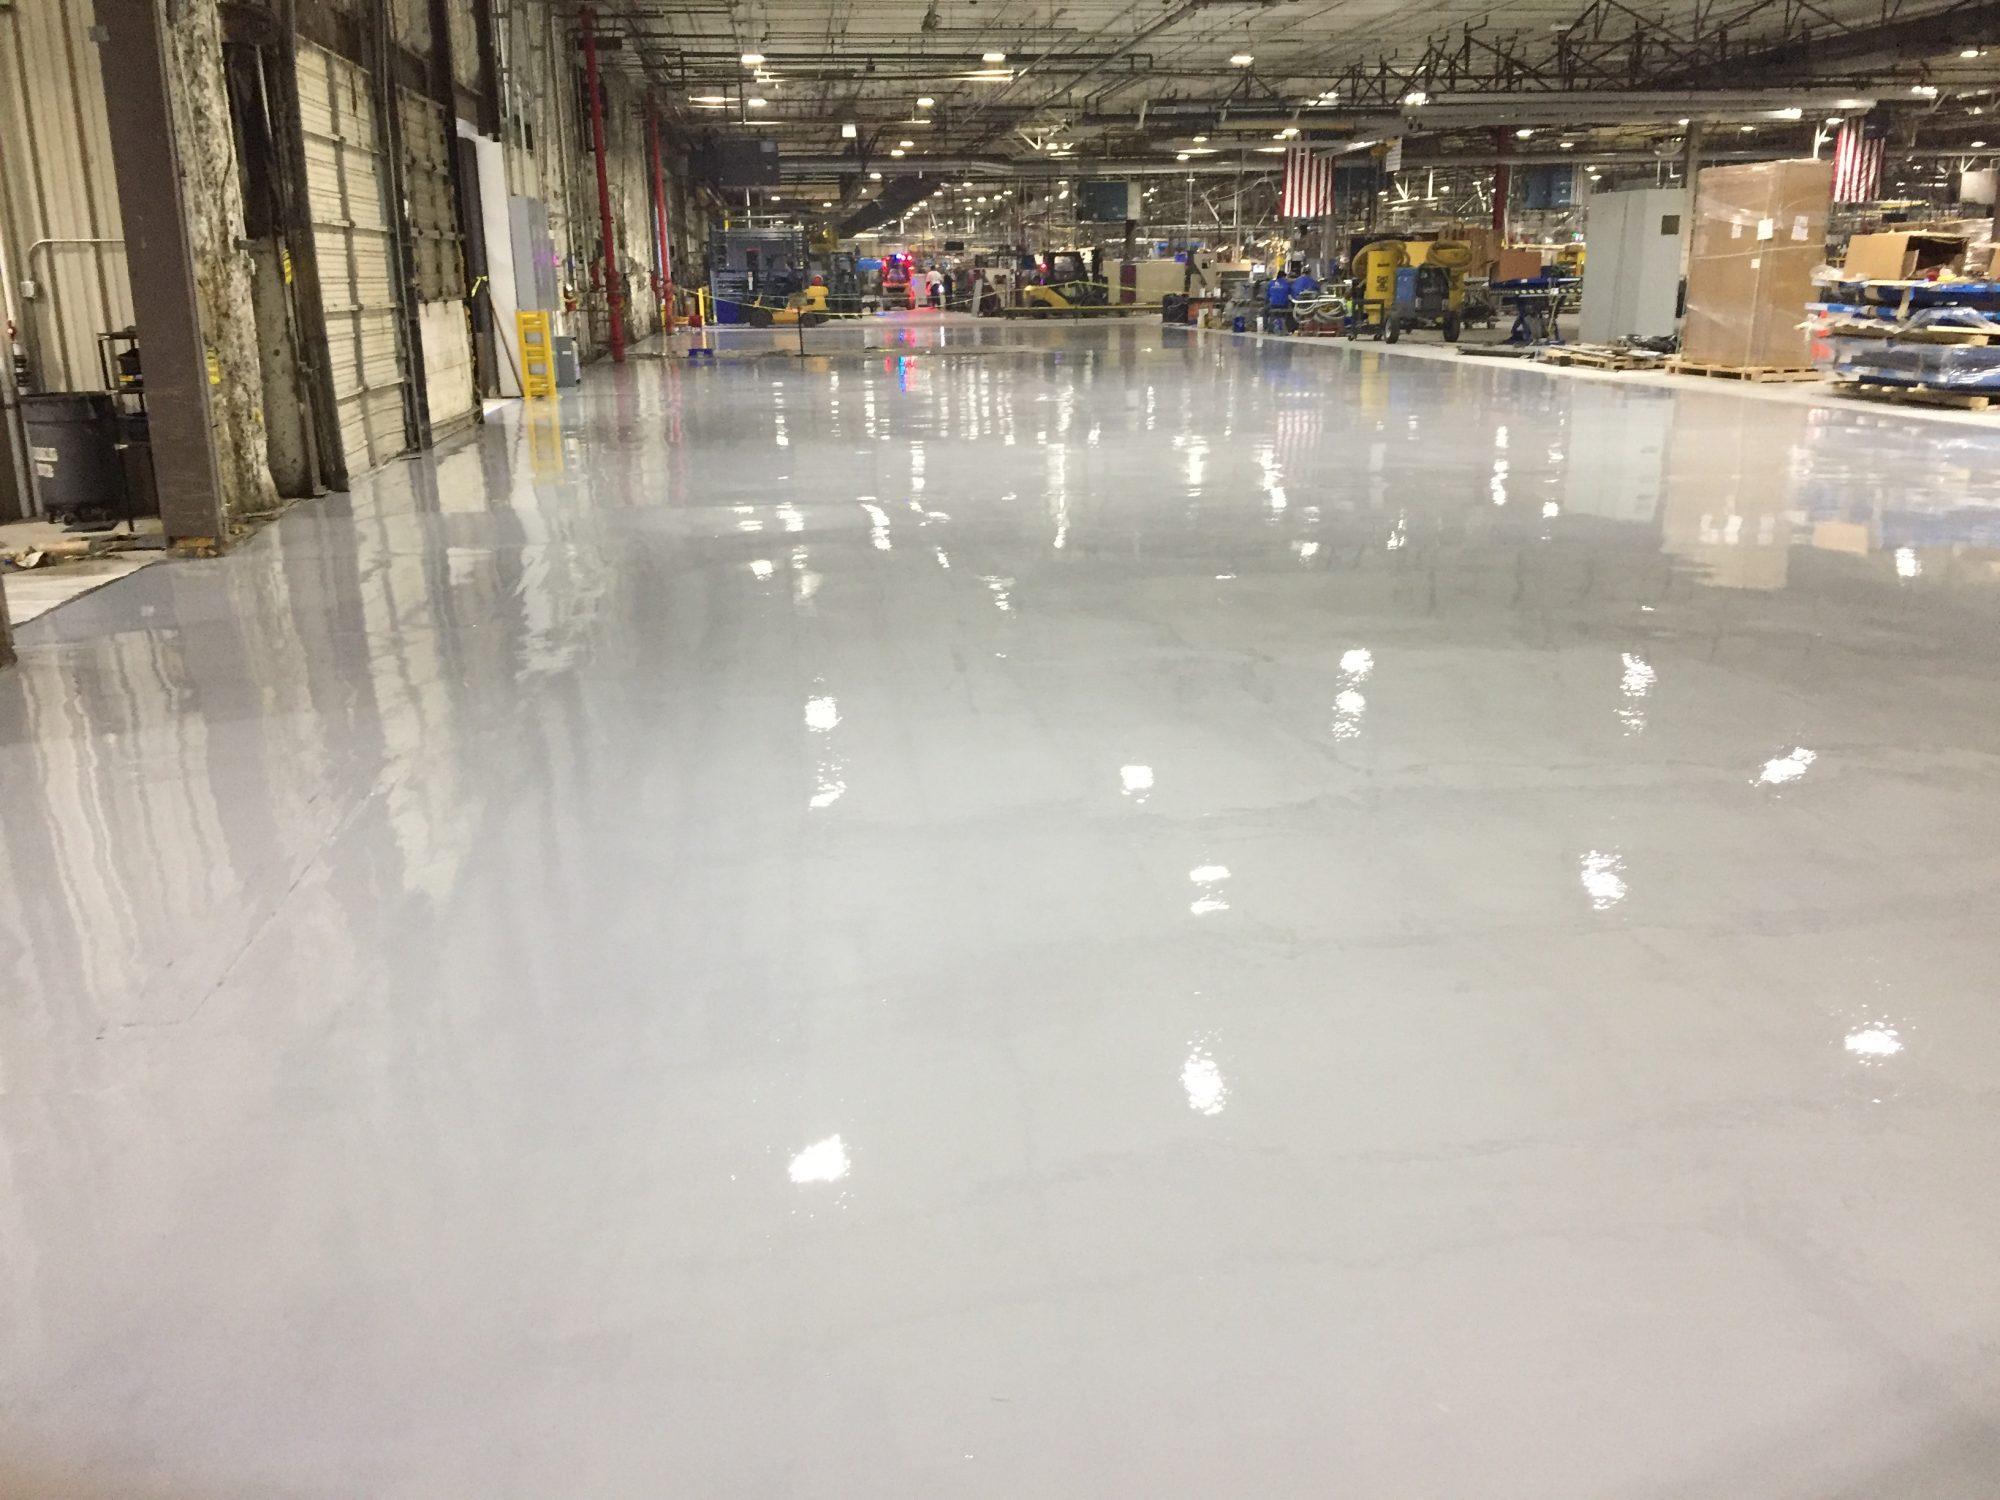 epoxy floor coatings, thin mil coatings, industrial Floor Coatings